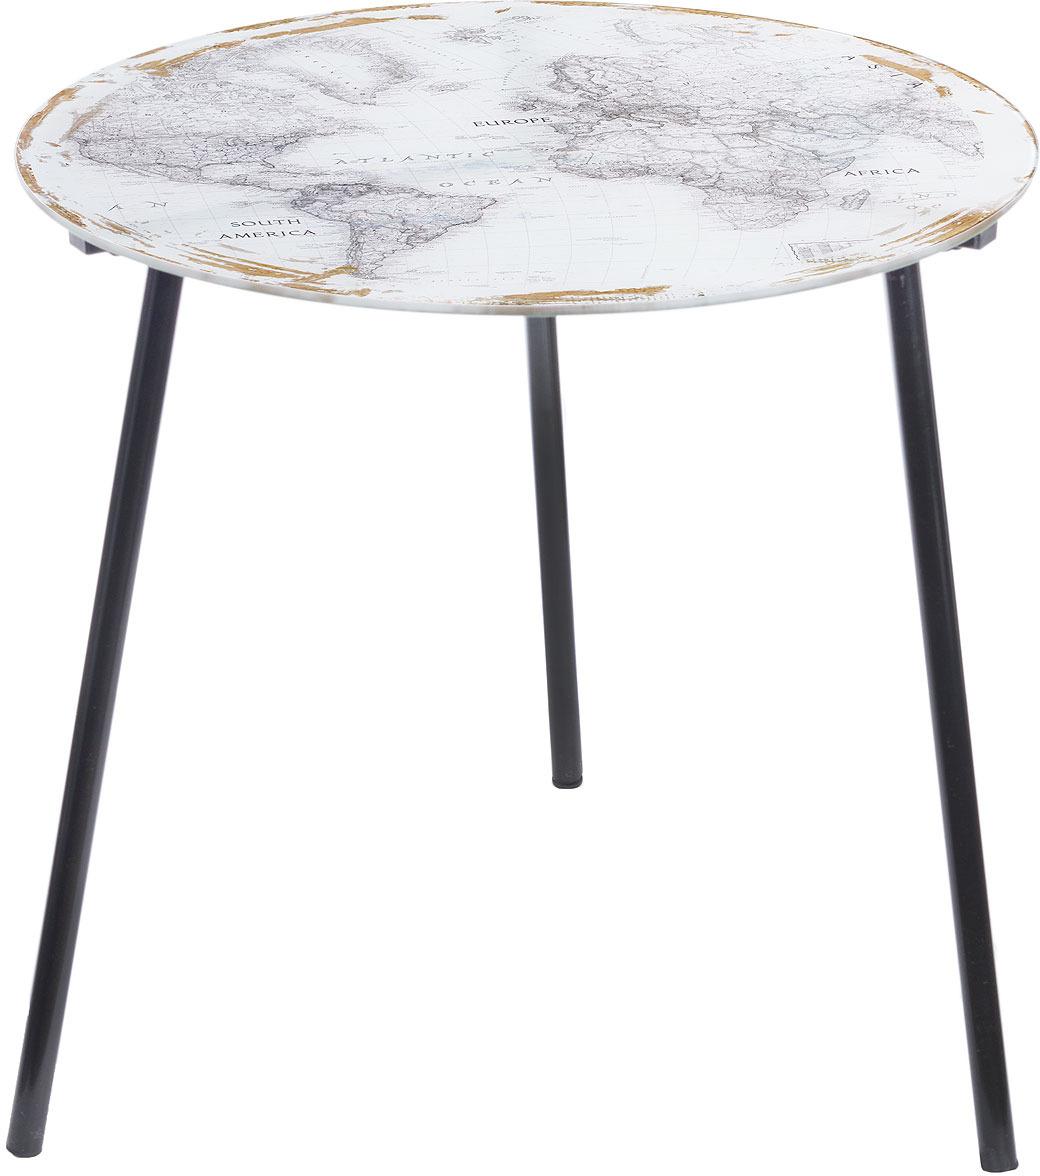 Столик кофейный Русские подарки, 78949, светло-серый, 50 х 50 см цена